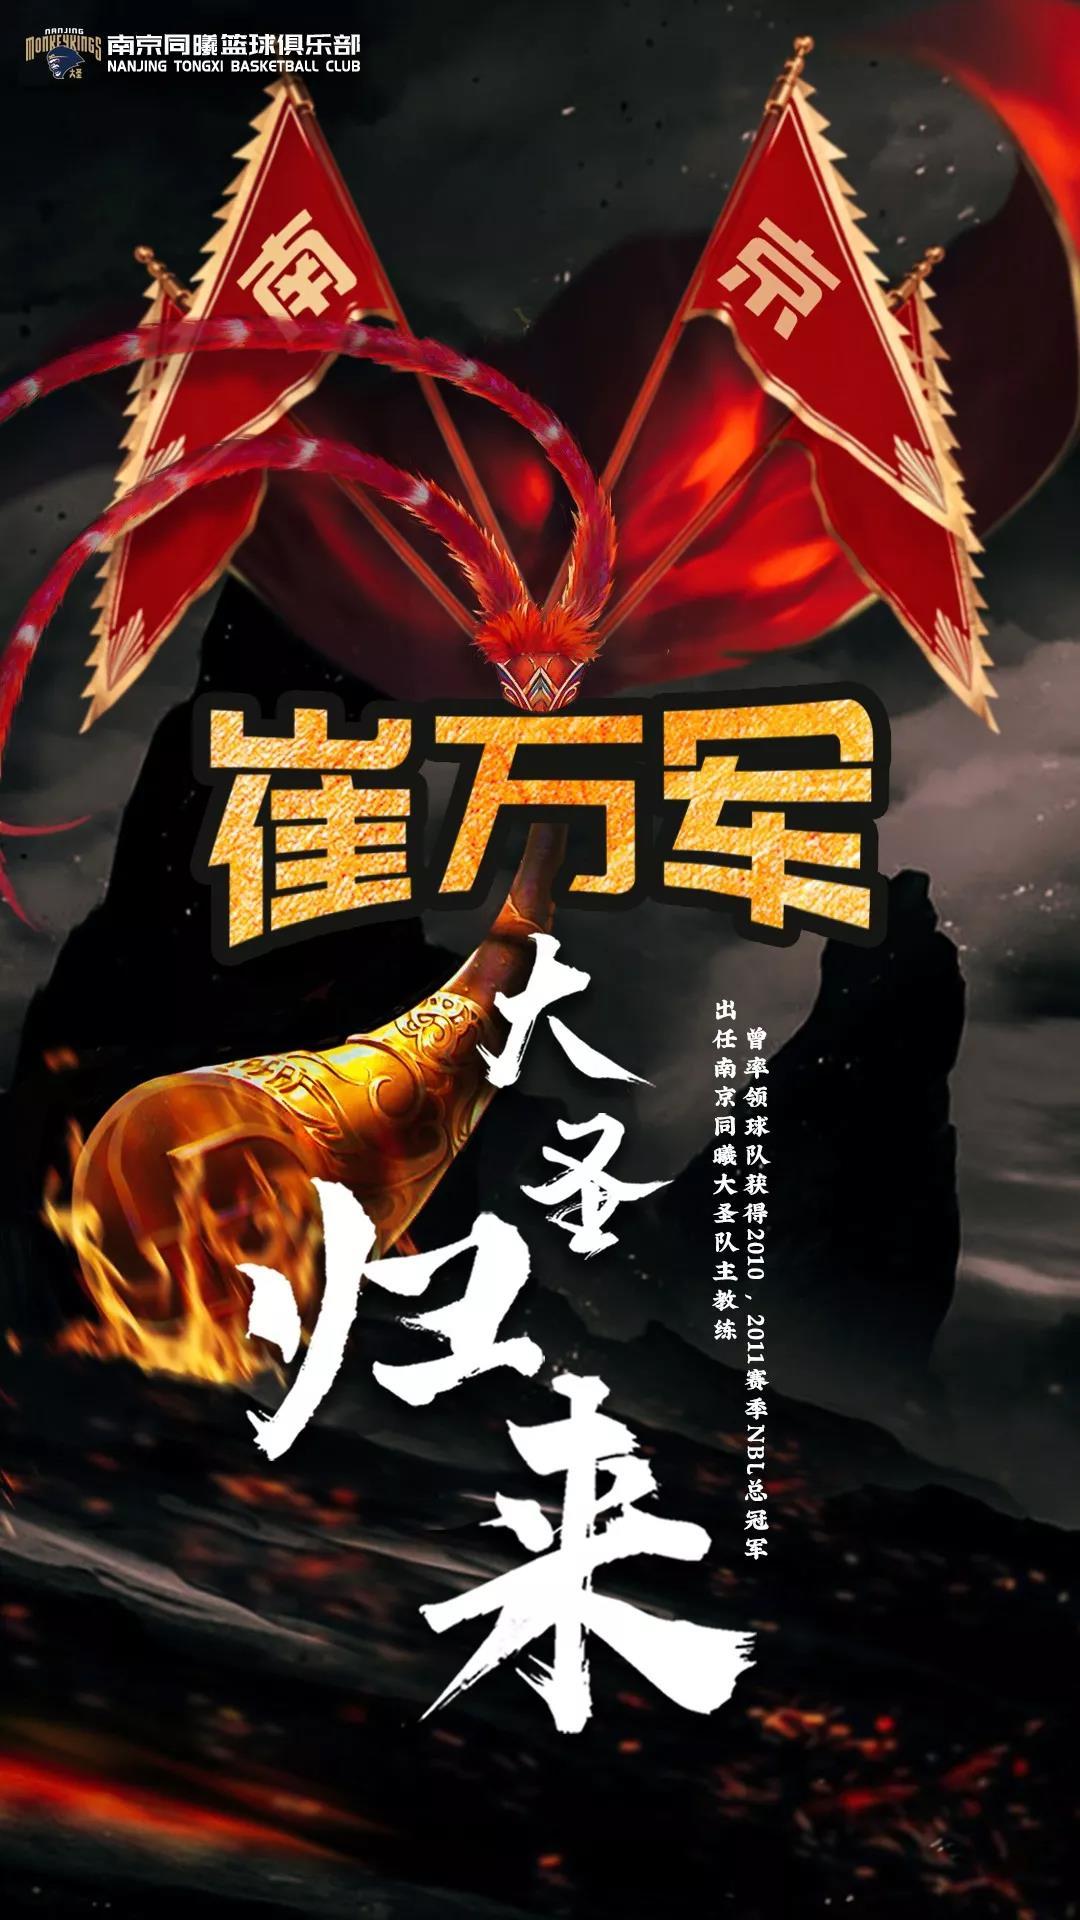 同曦官宣崔万军任新赛季球队主帅 吴乃群任助教